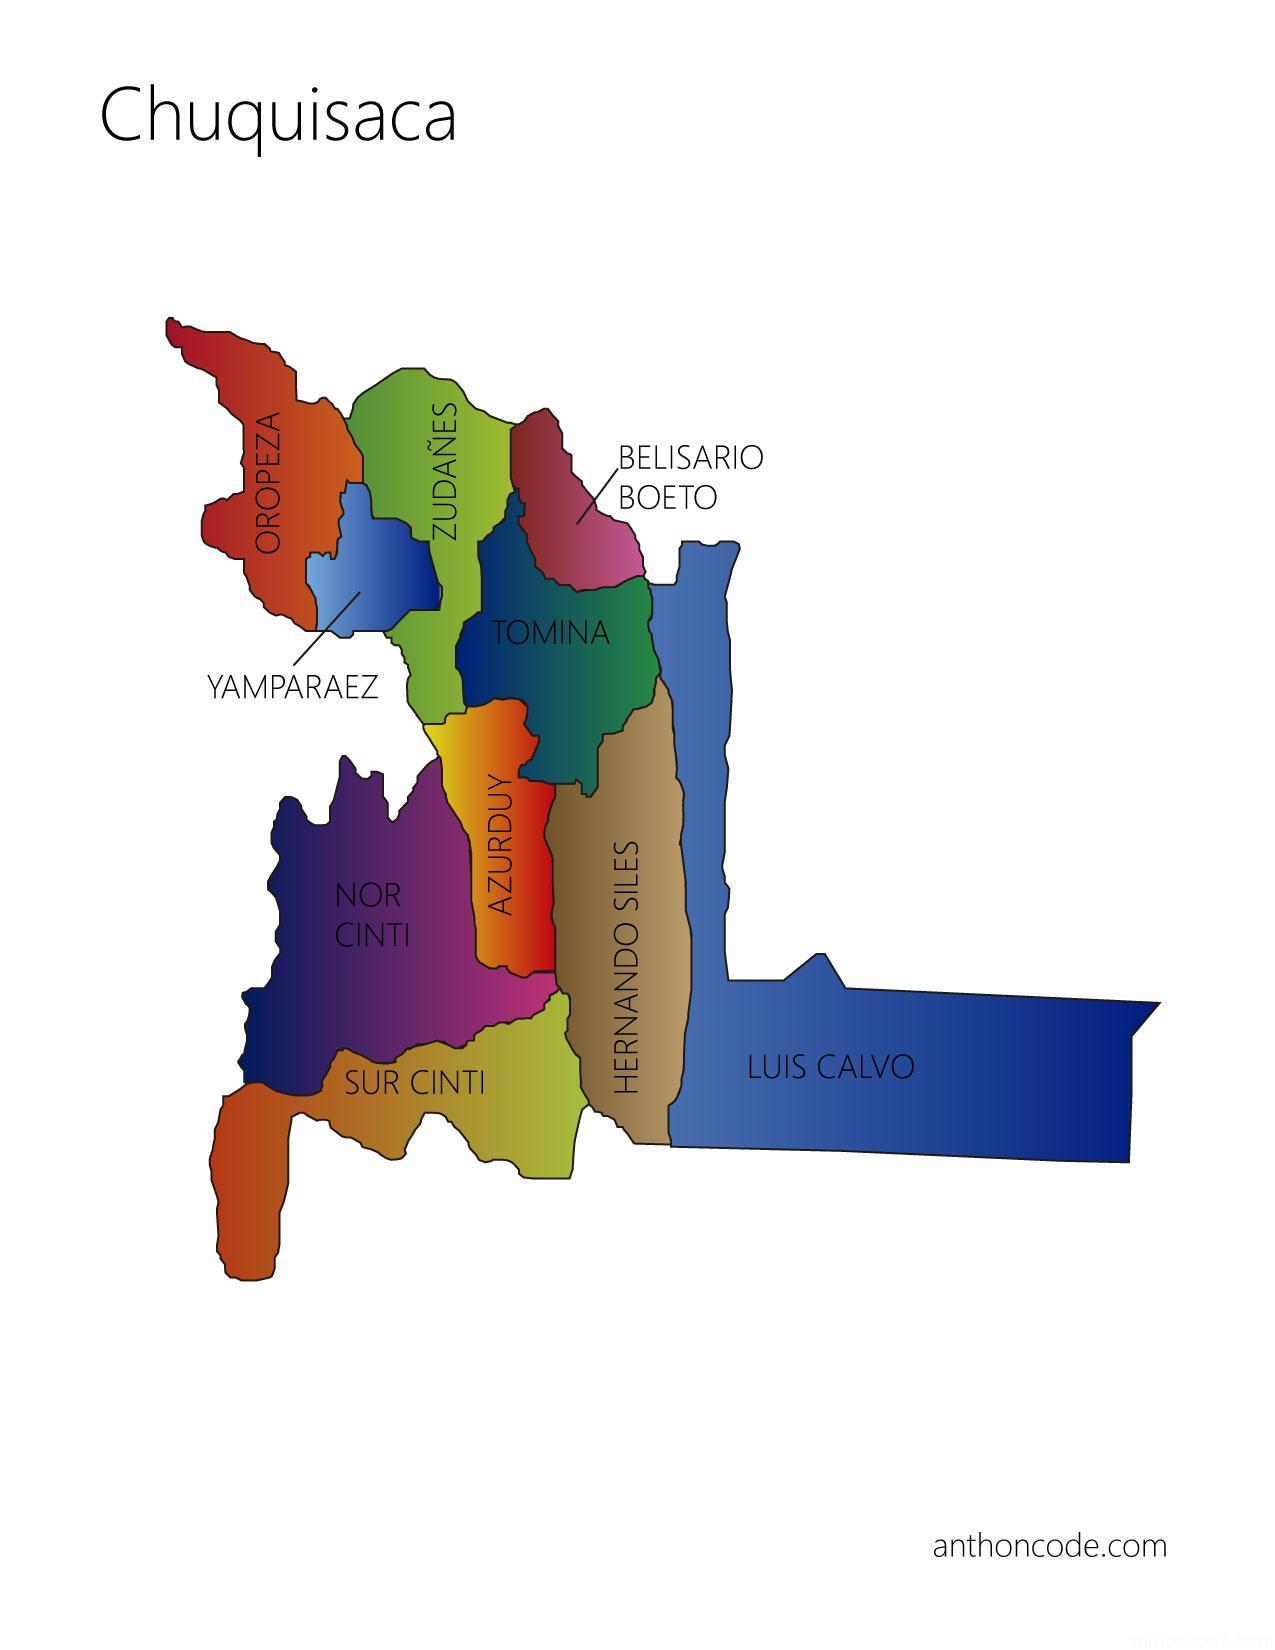 mapa de Chuquisaca y provincias